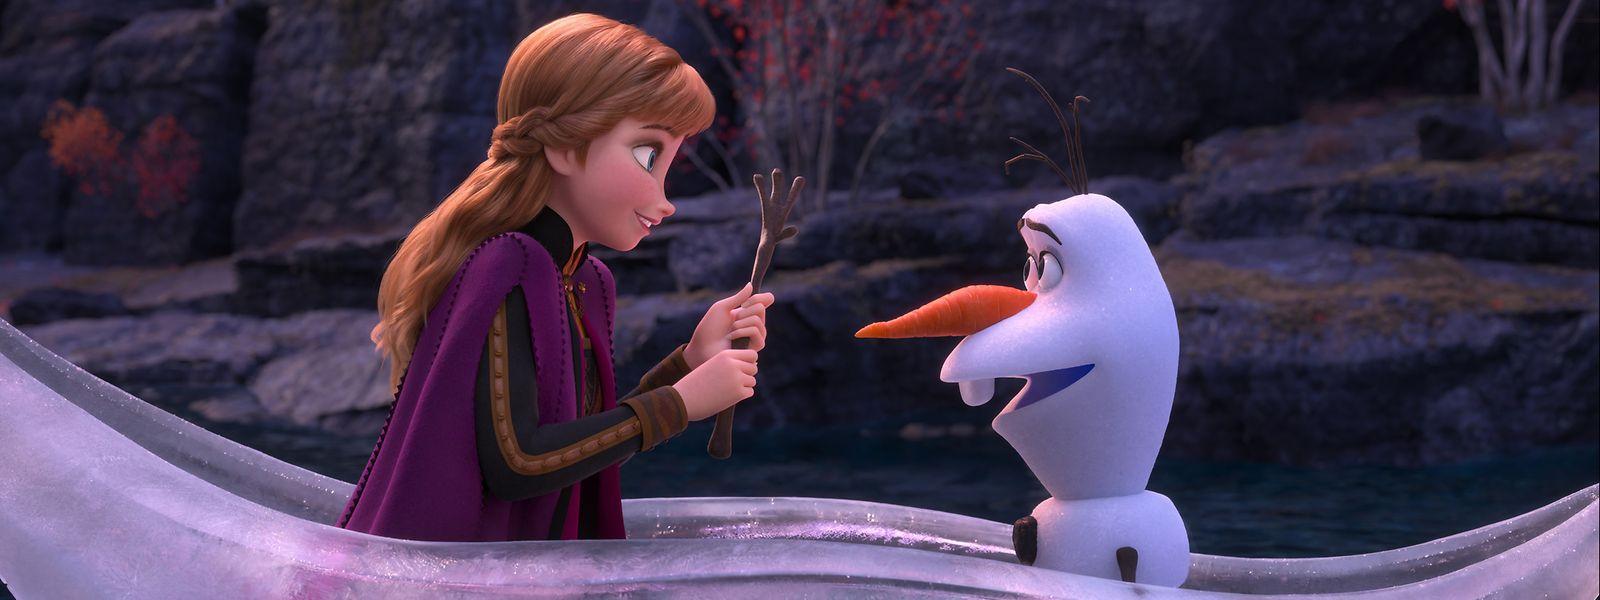 """""""Frozen 2"""" läuft seit Mitte November in den Kinos. Reicht die Fortsetzung an den zweiten Teil heran?"""